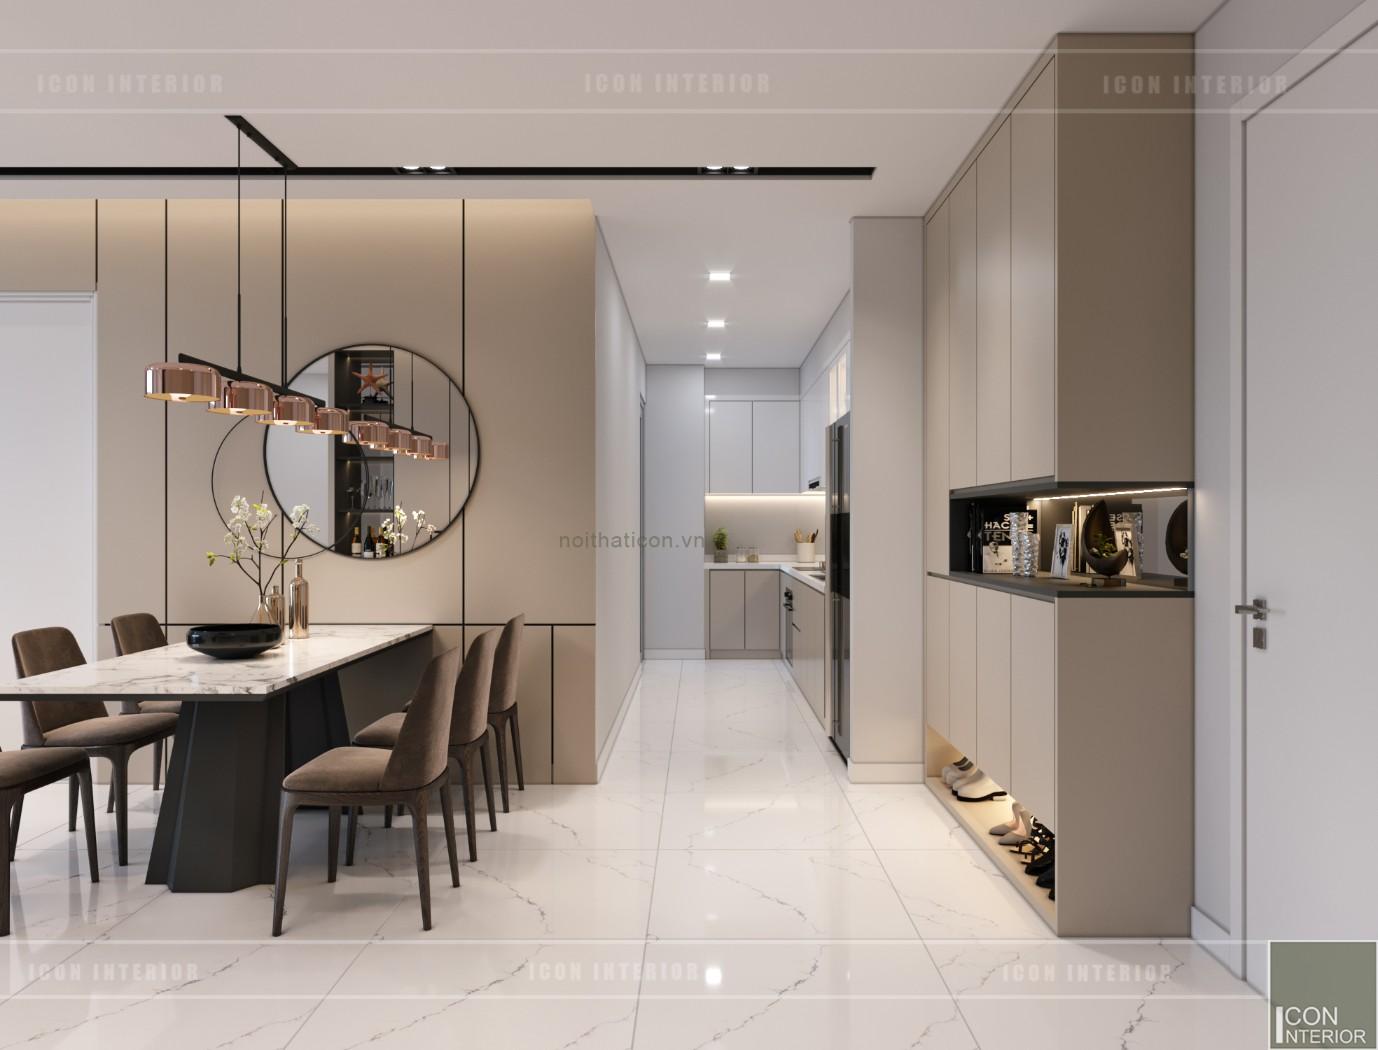 thiết kế nội thất căn hộ chung cư 90m2 - vinhomes tân cảng